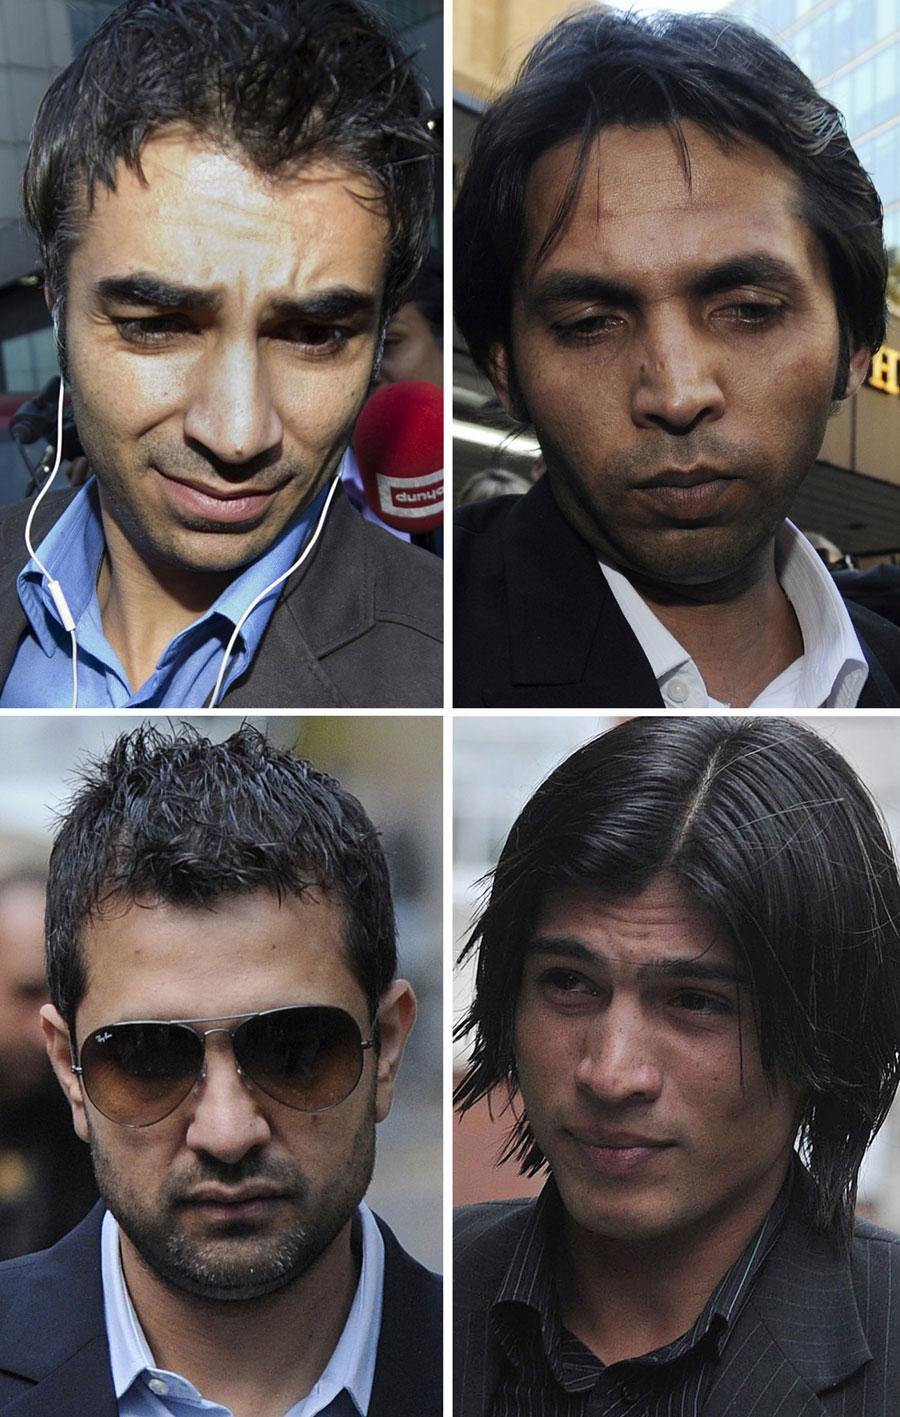 اسپاٹ فکسنگ تنازع میں سزا پانے والے تینوں پاکستانی کھلاڑی اور سٹے باز، جنہوں نے اپنے ساتھ تمام پاکستانیوں کے سر بھی شرم سے جھکا دیے